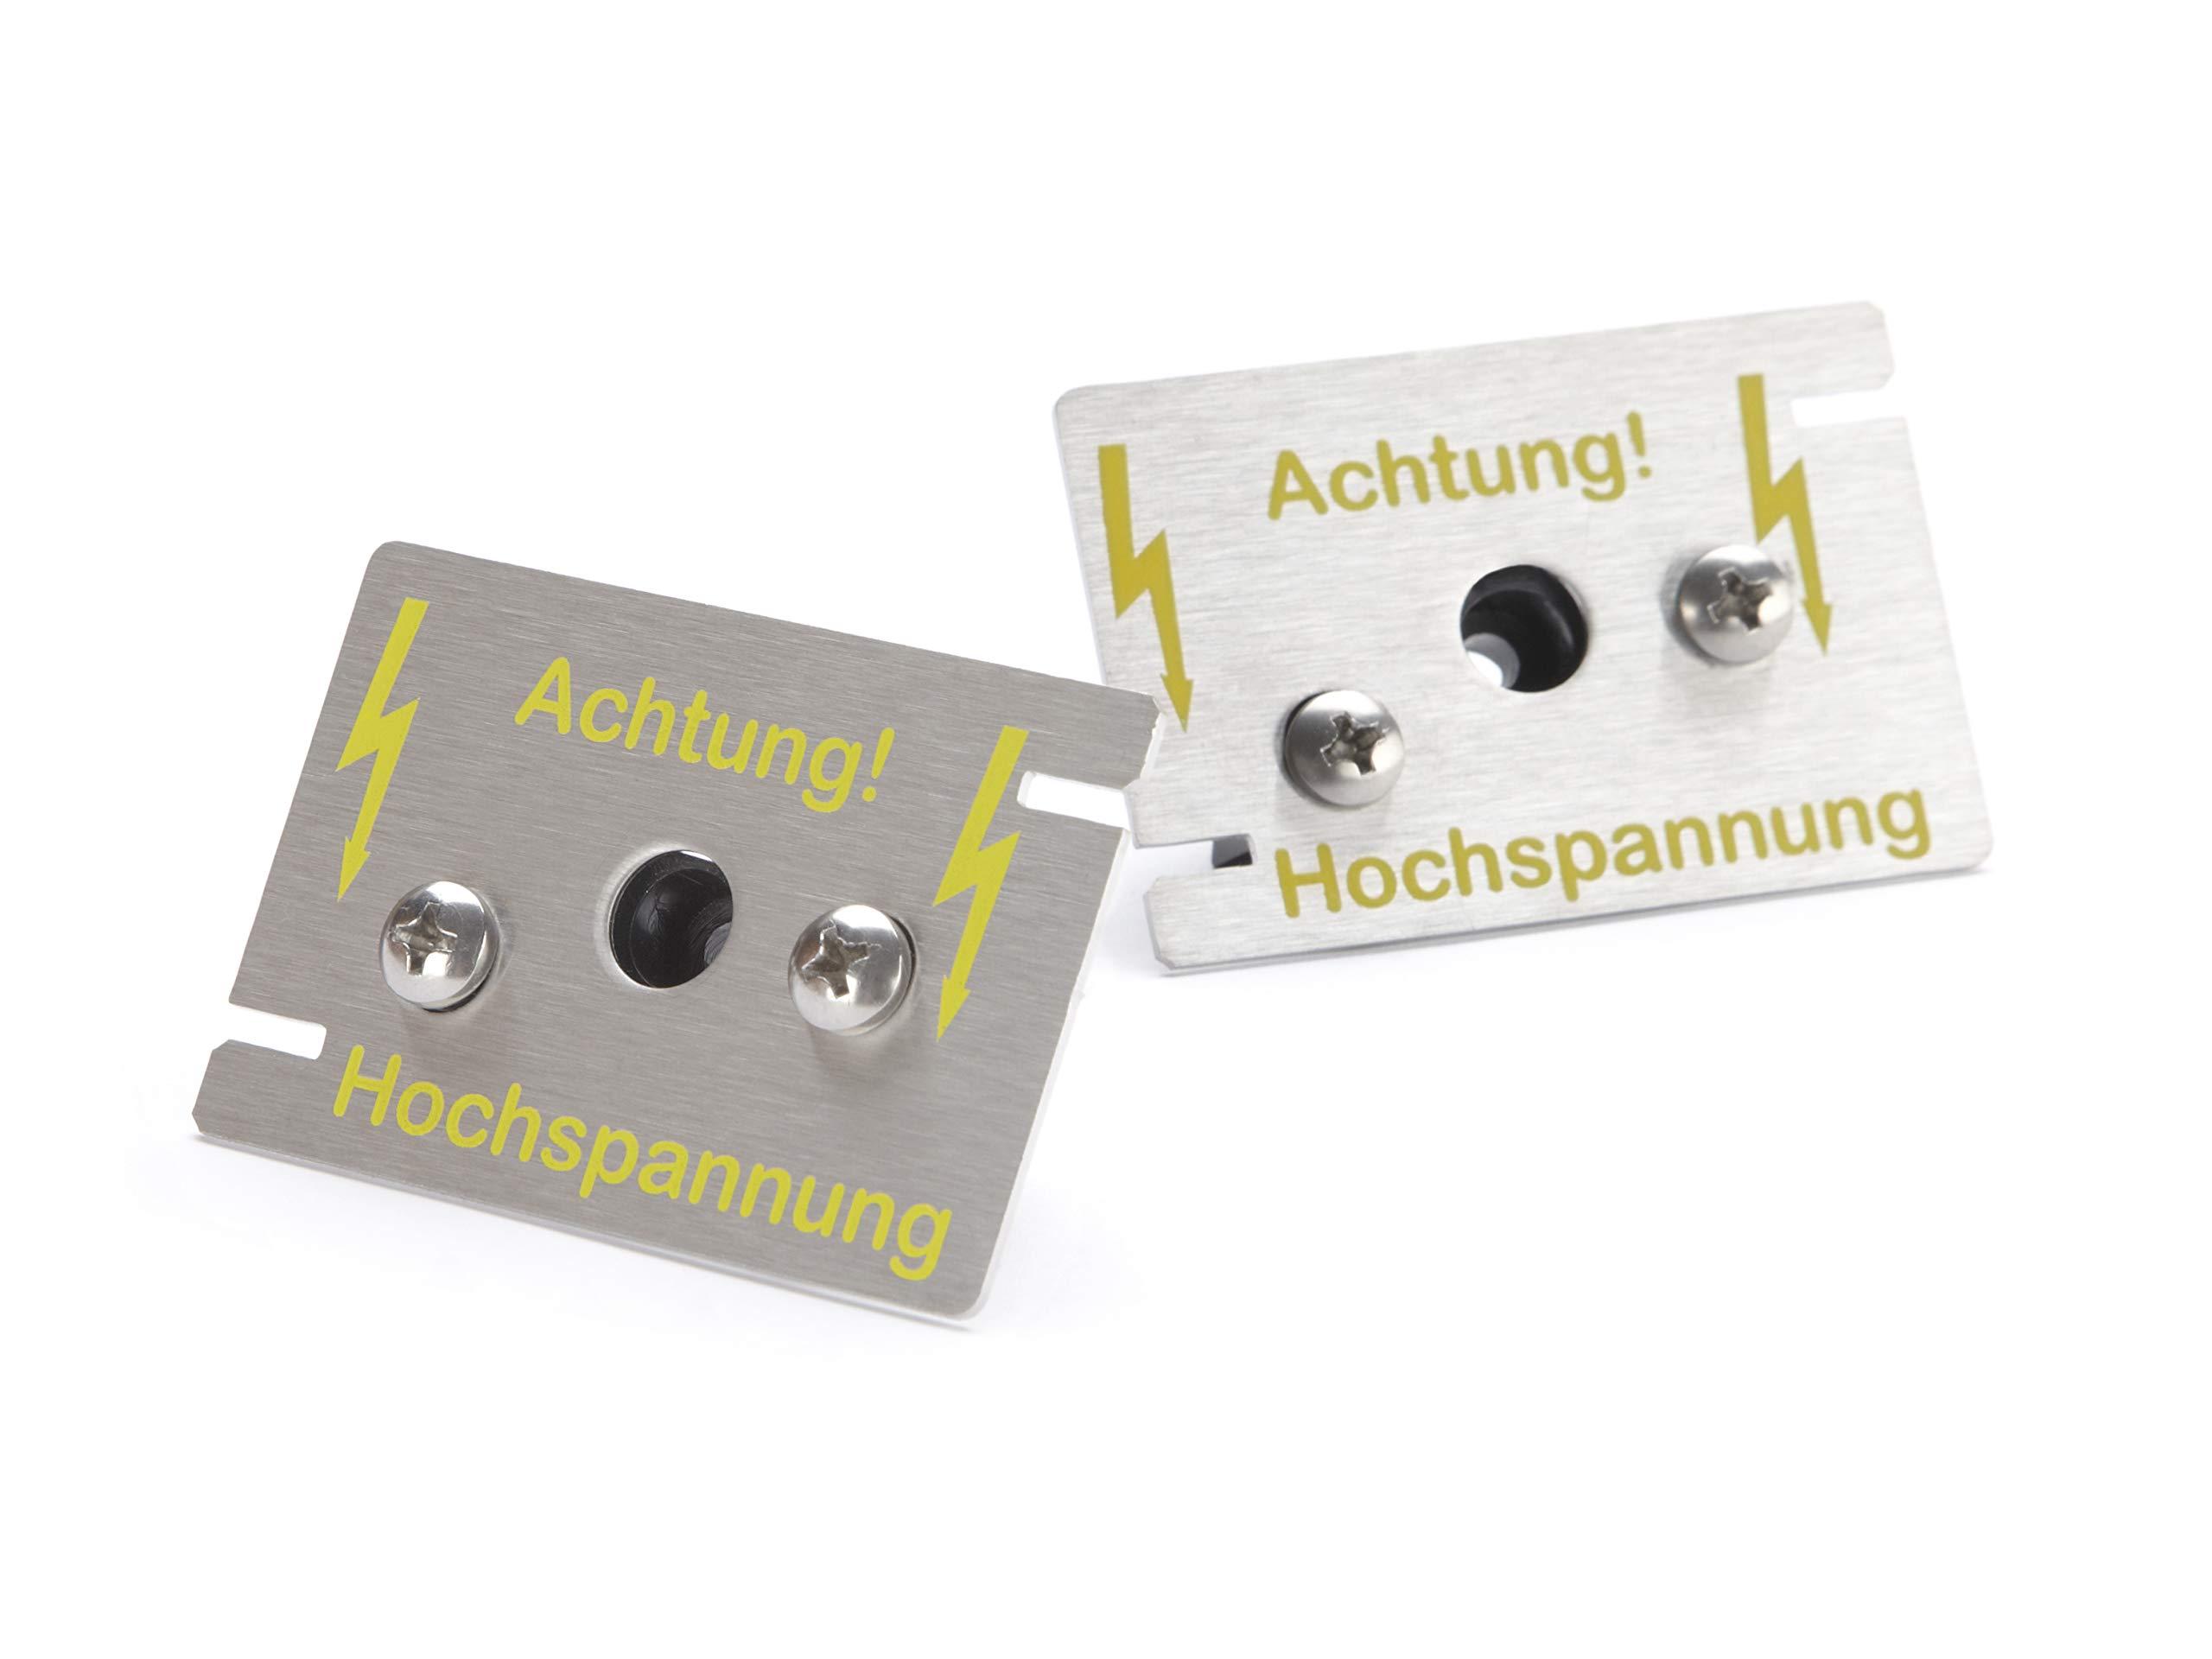 Hochspannungsplatten-Sensoren aus säurebeständigem V4 Edelstahl zur Erweiterung des Marderschutz-Systems Mardersicher 12V Mobil und MS Active product image